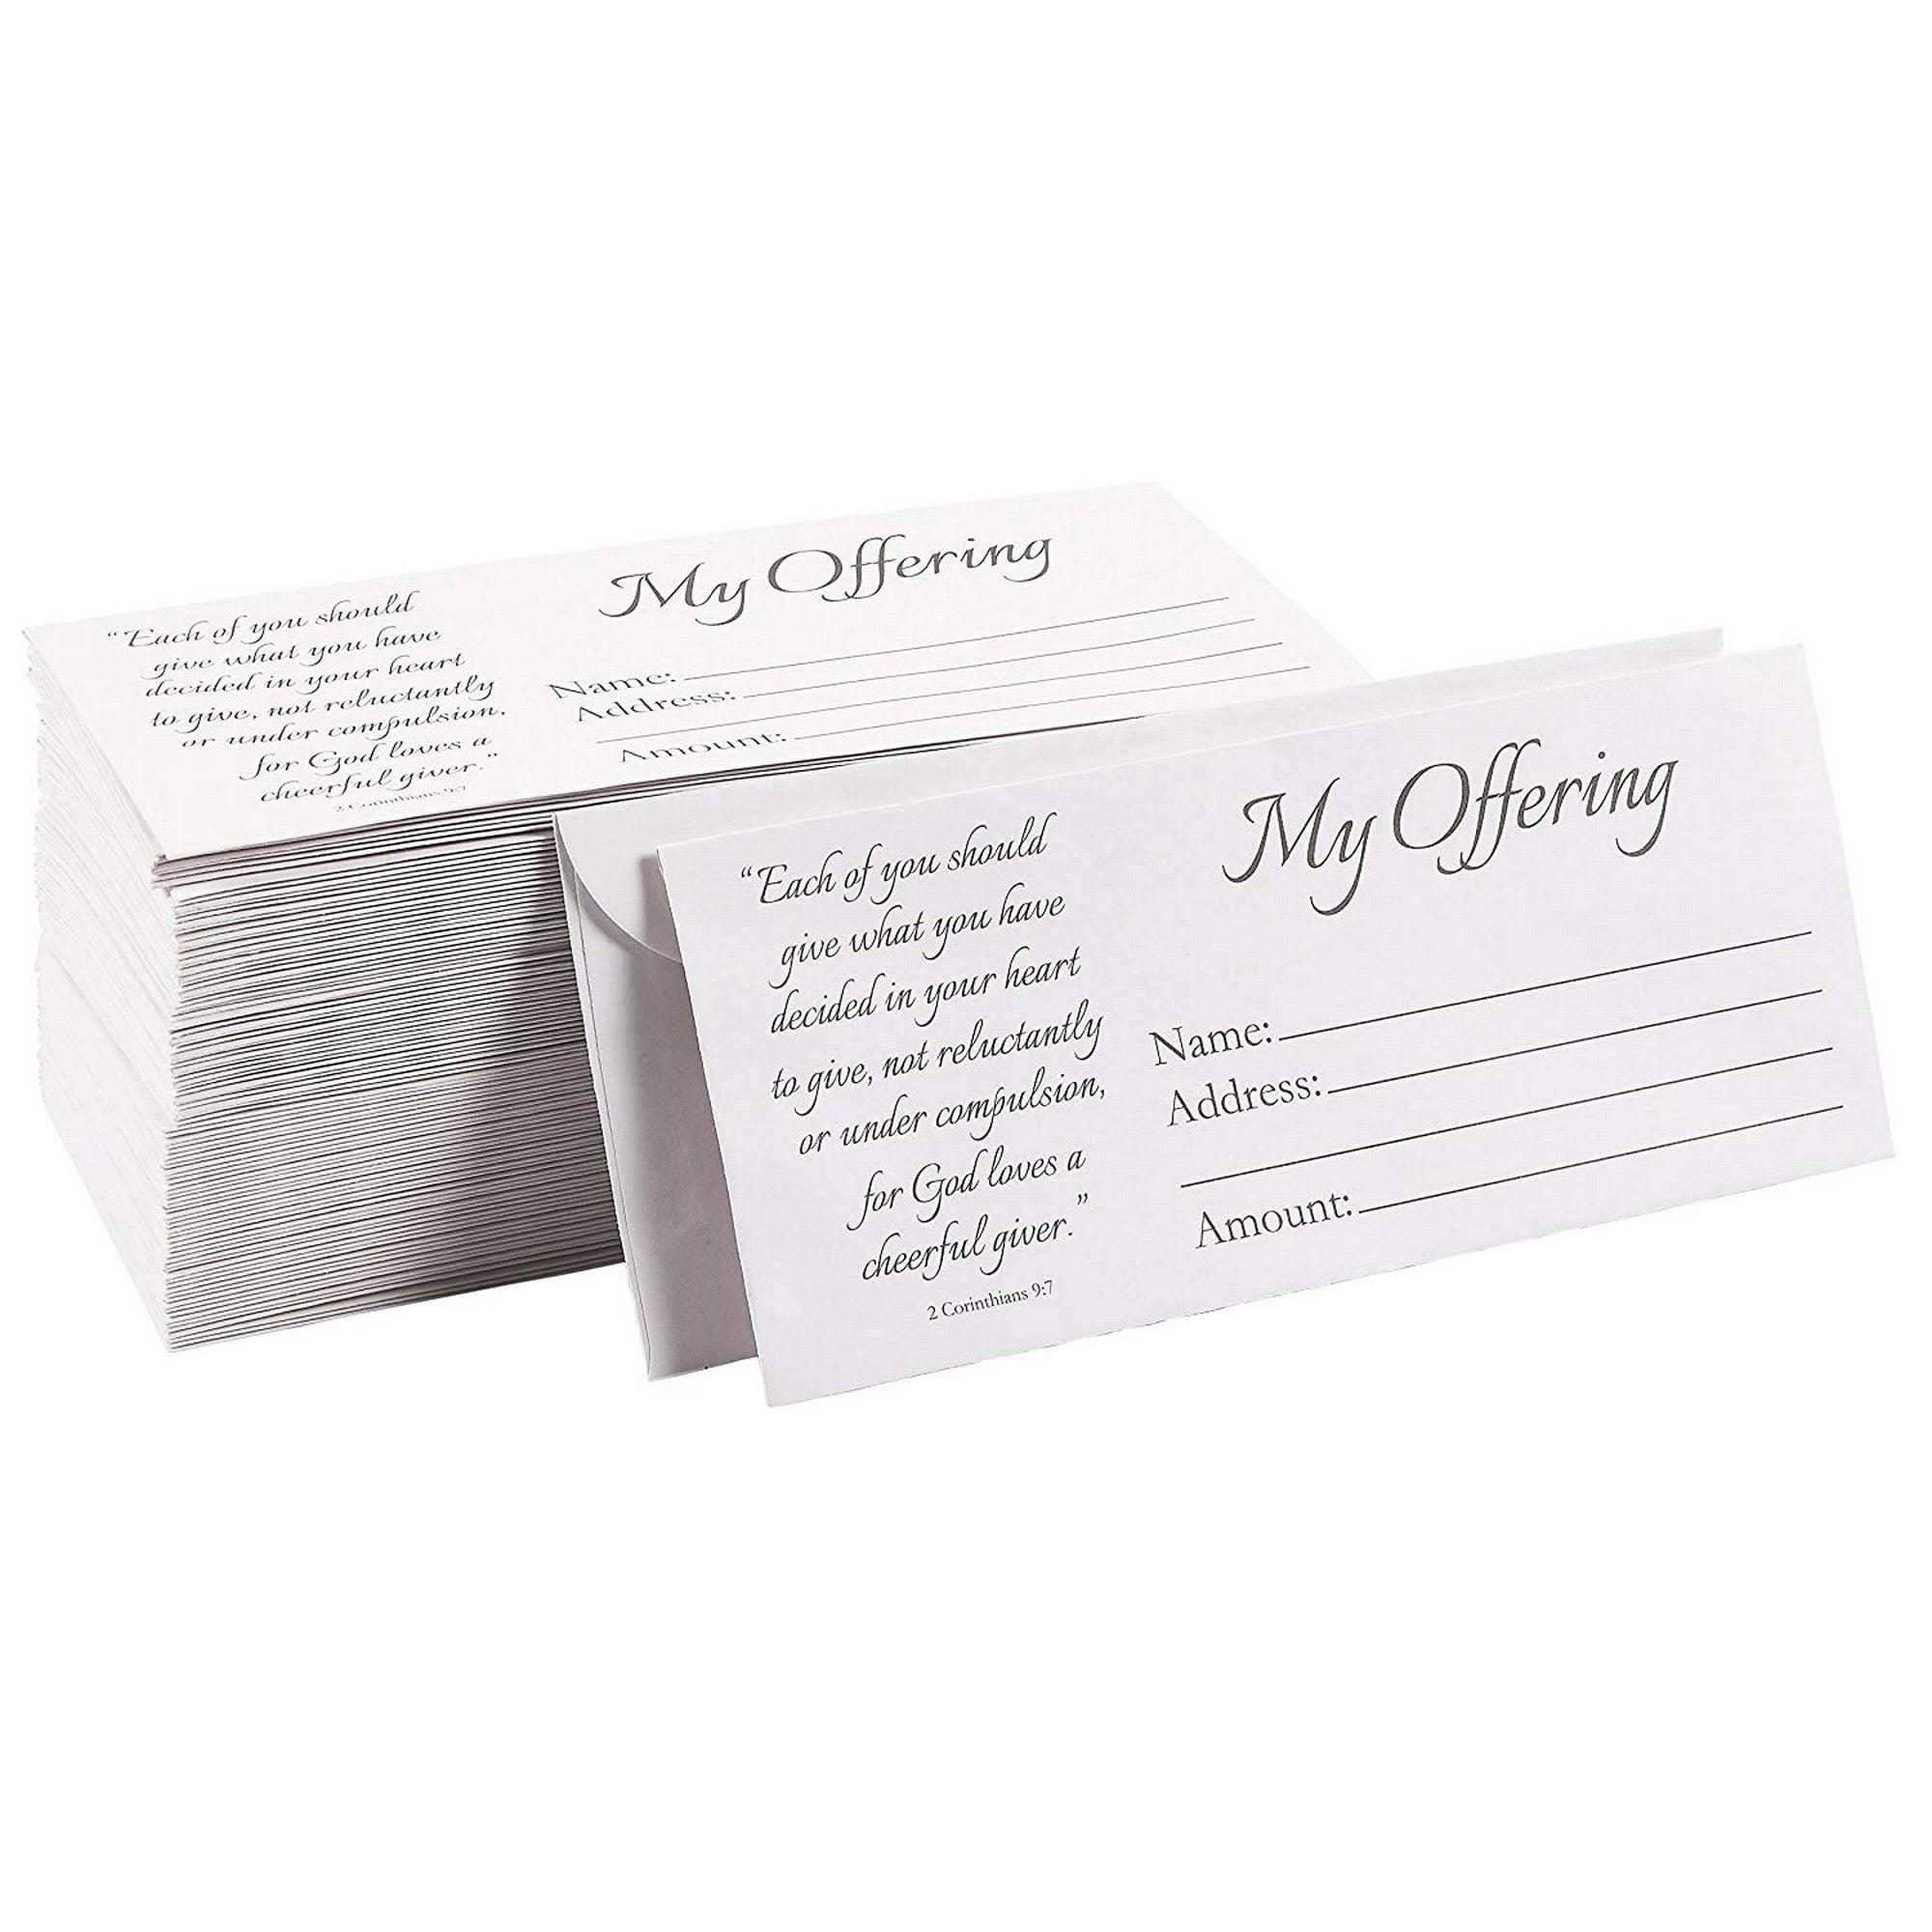 100-Pack Church Offering Envelopes - Tithe Envelopes for ...